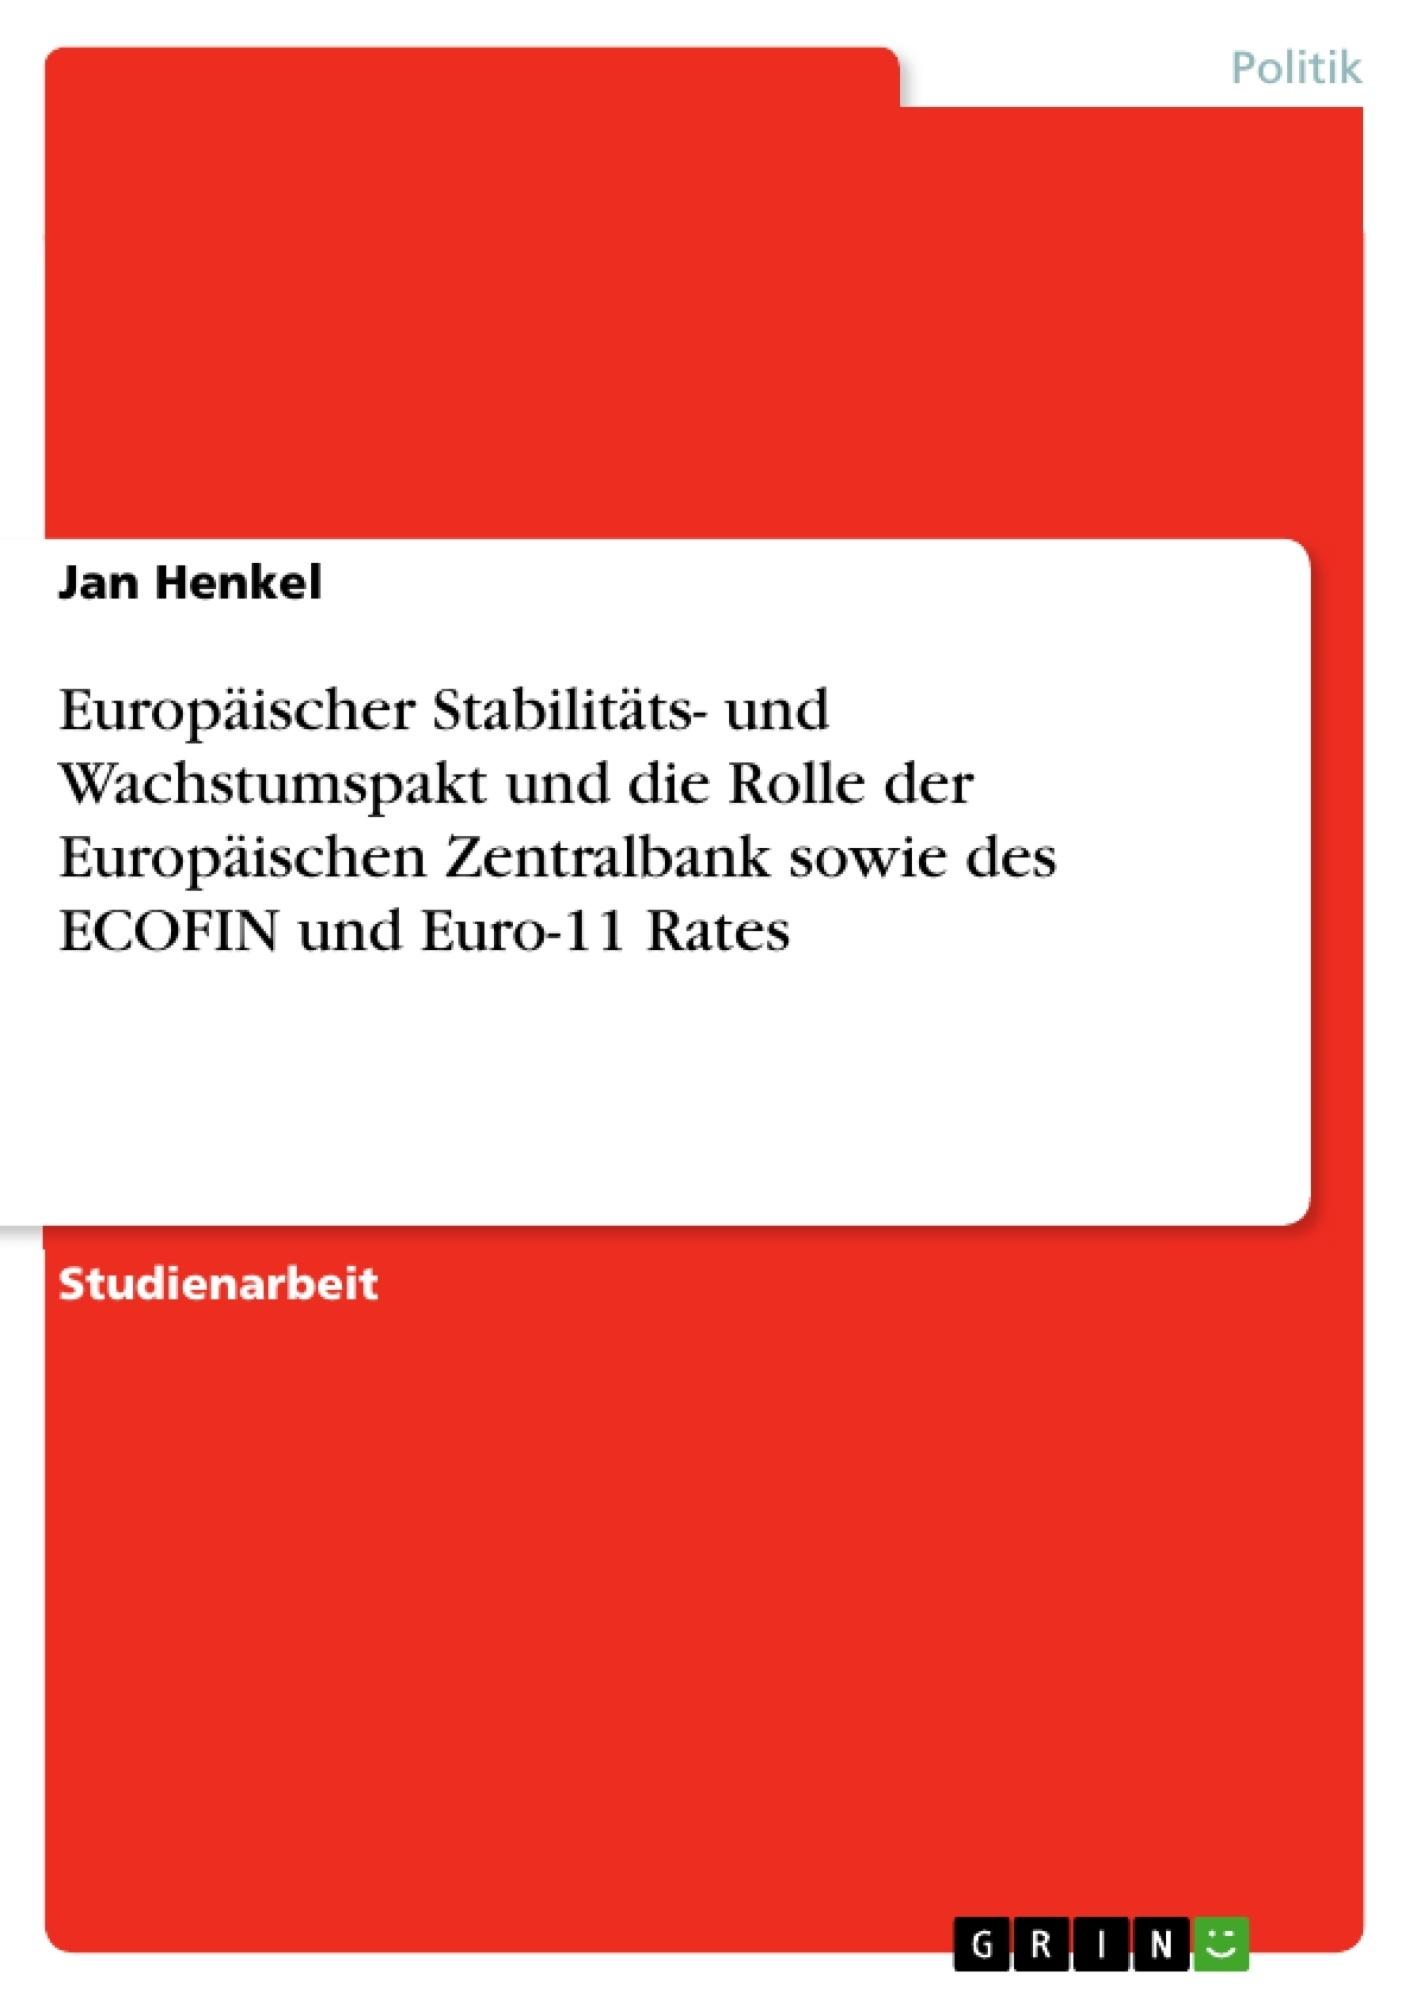 Titel: Europäischer Stabilitäts- und Wachstumspakt und die Rolle der Europäischen Zentralbank sowie des ECOFIN und Euro-11 Rates